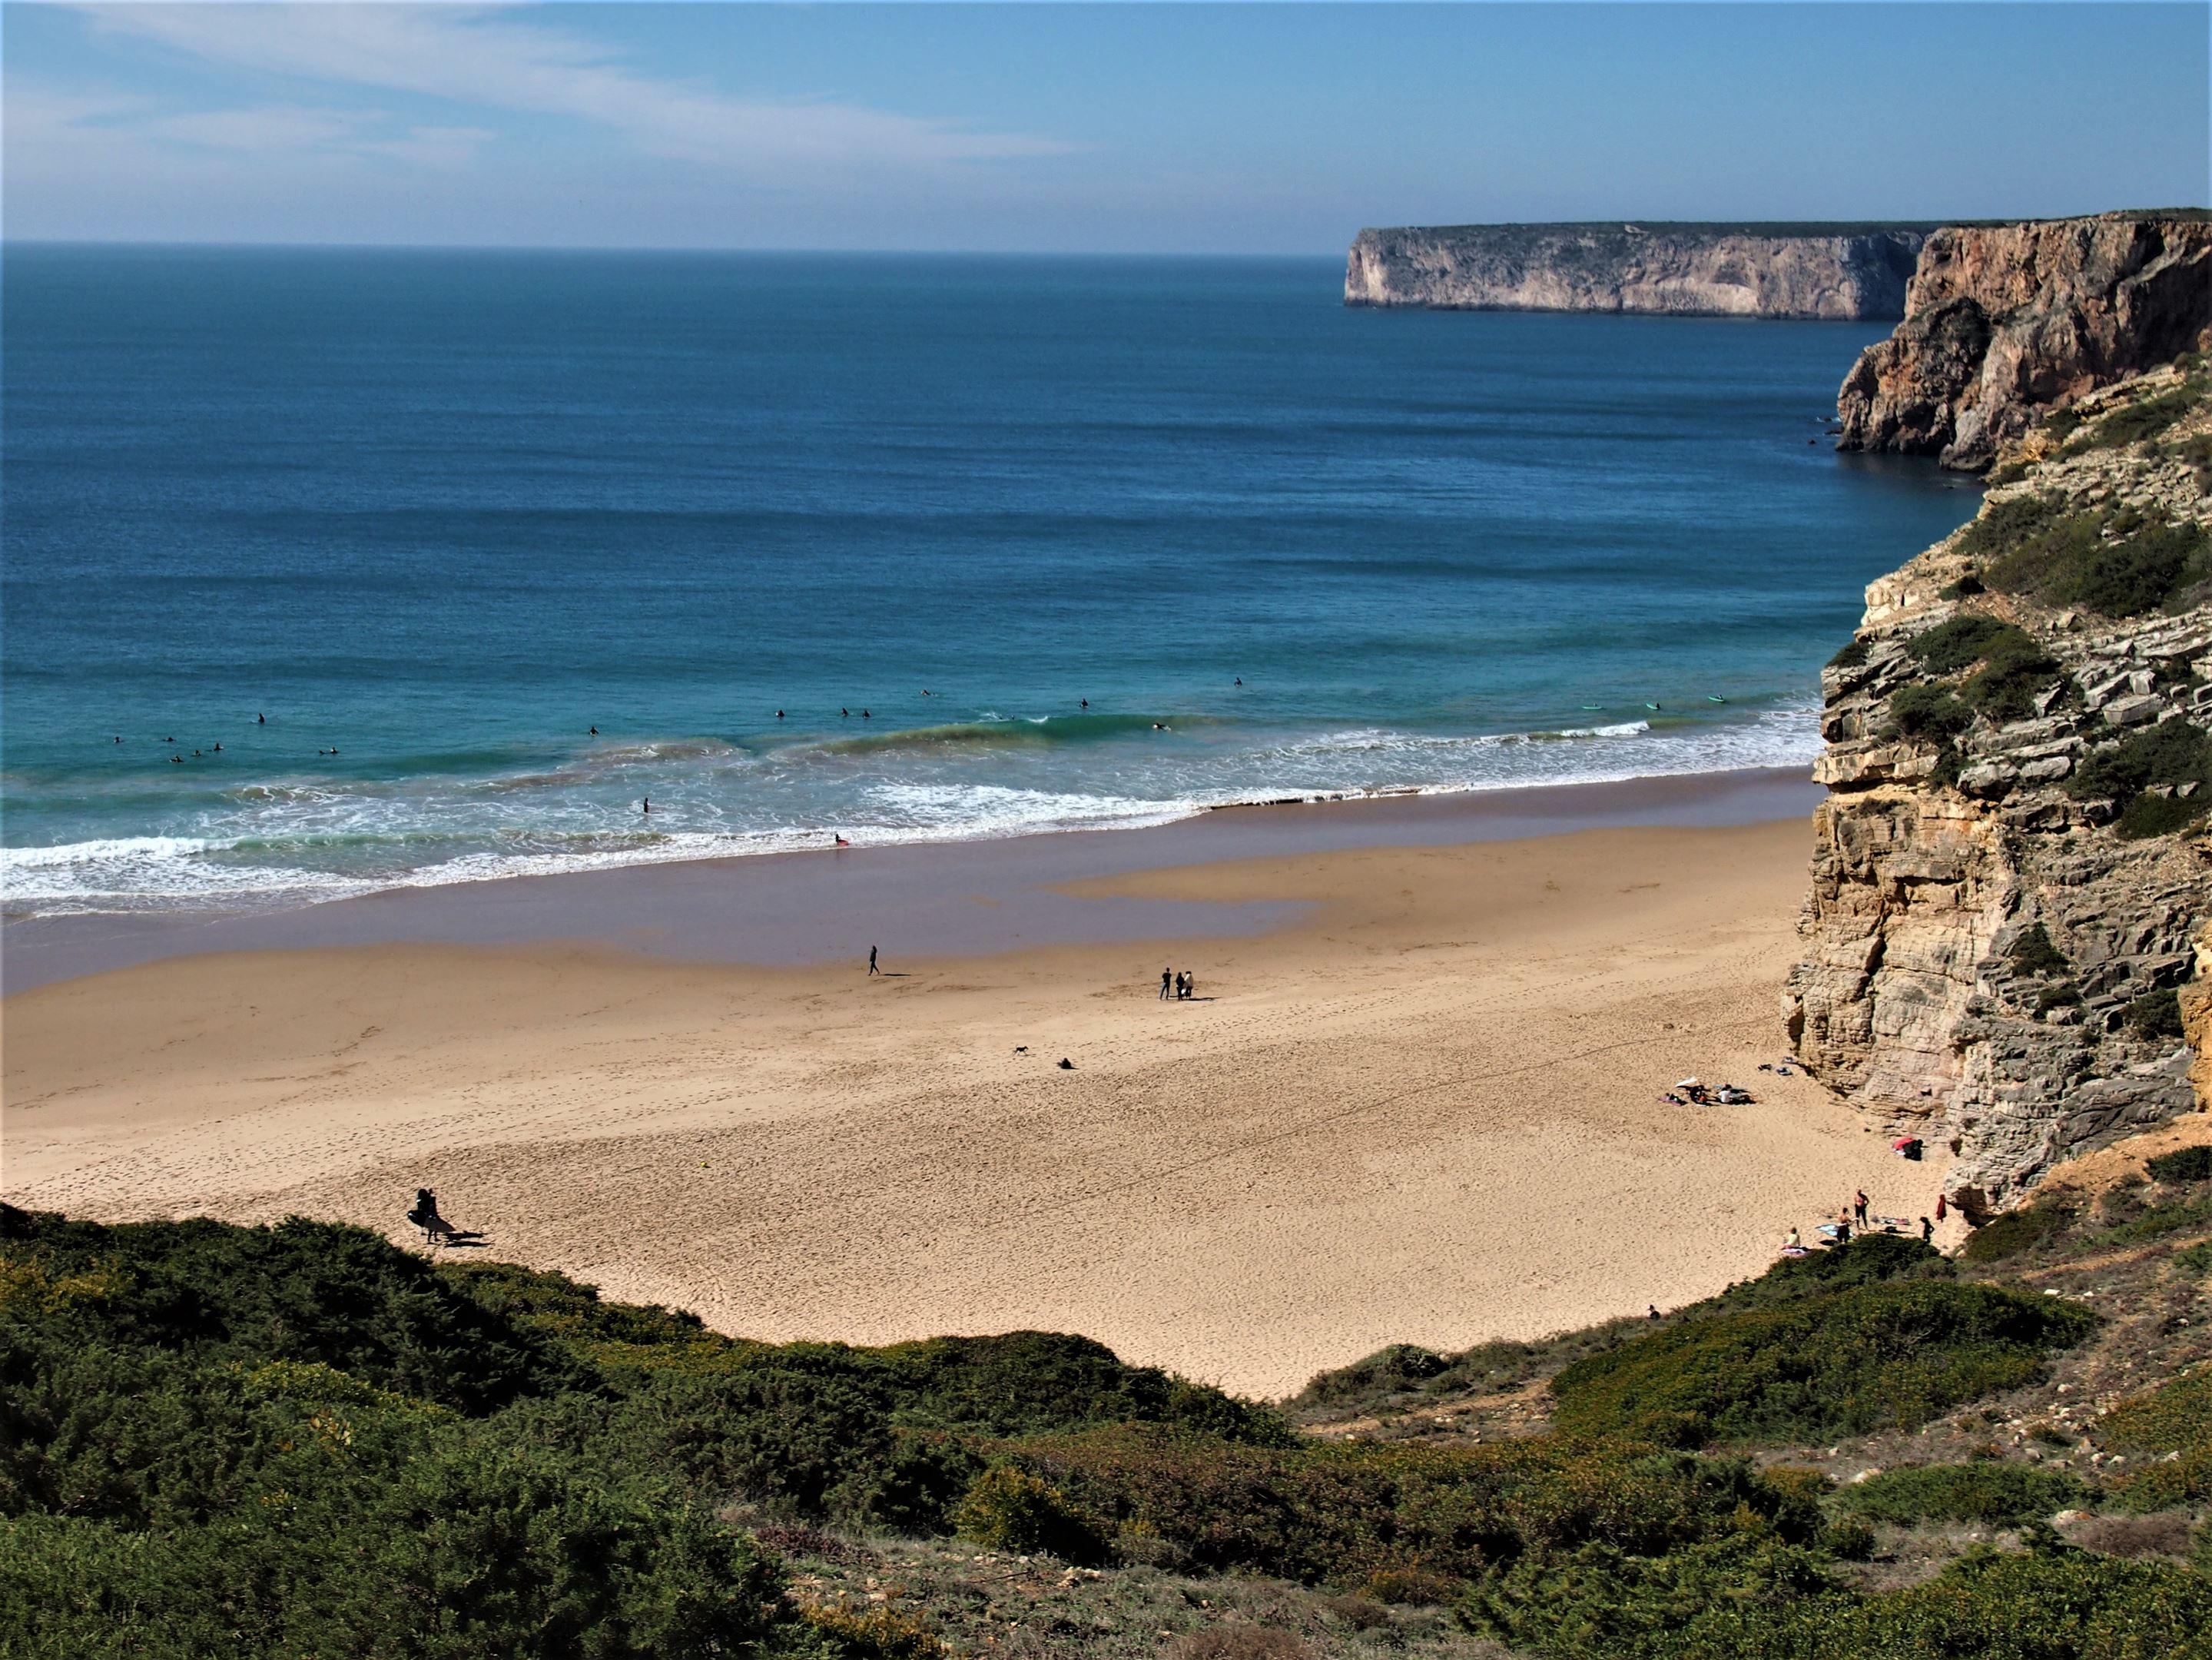 Praia do Beliche, Algarve